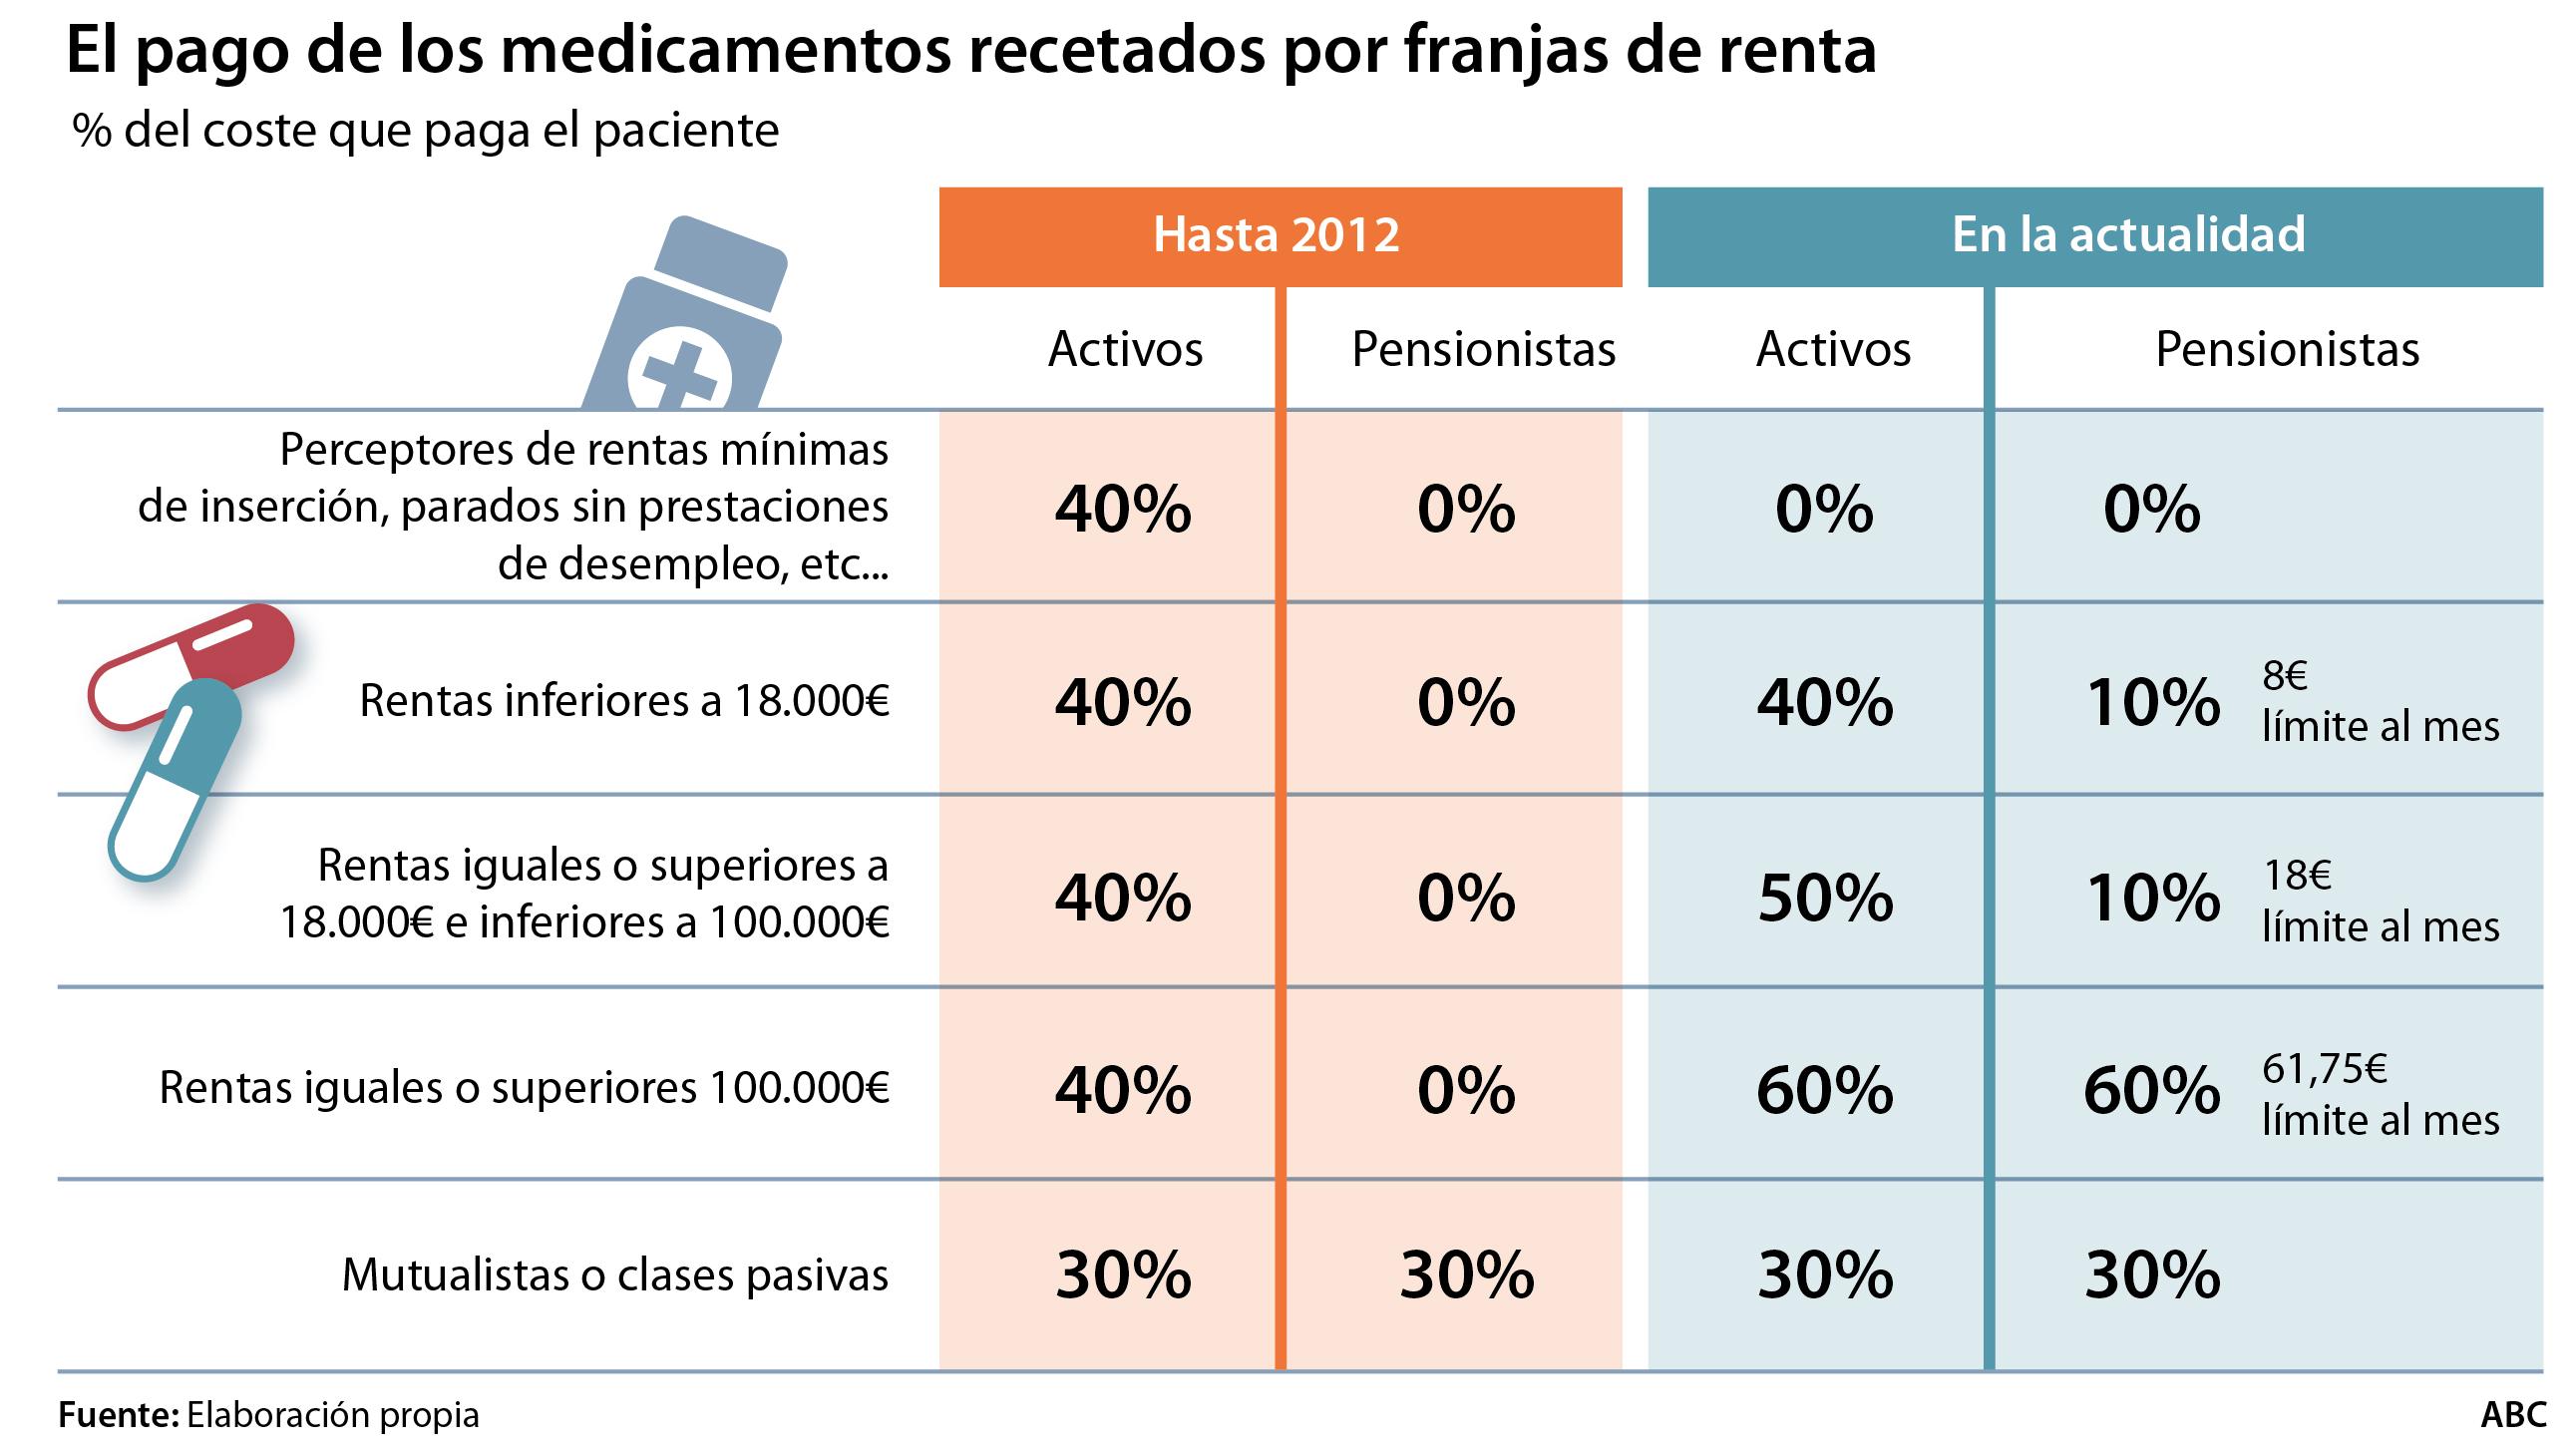 Eliminar el copago de los pensionistas elevará la factura farmacéutica en 550 millones anuales